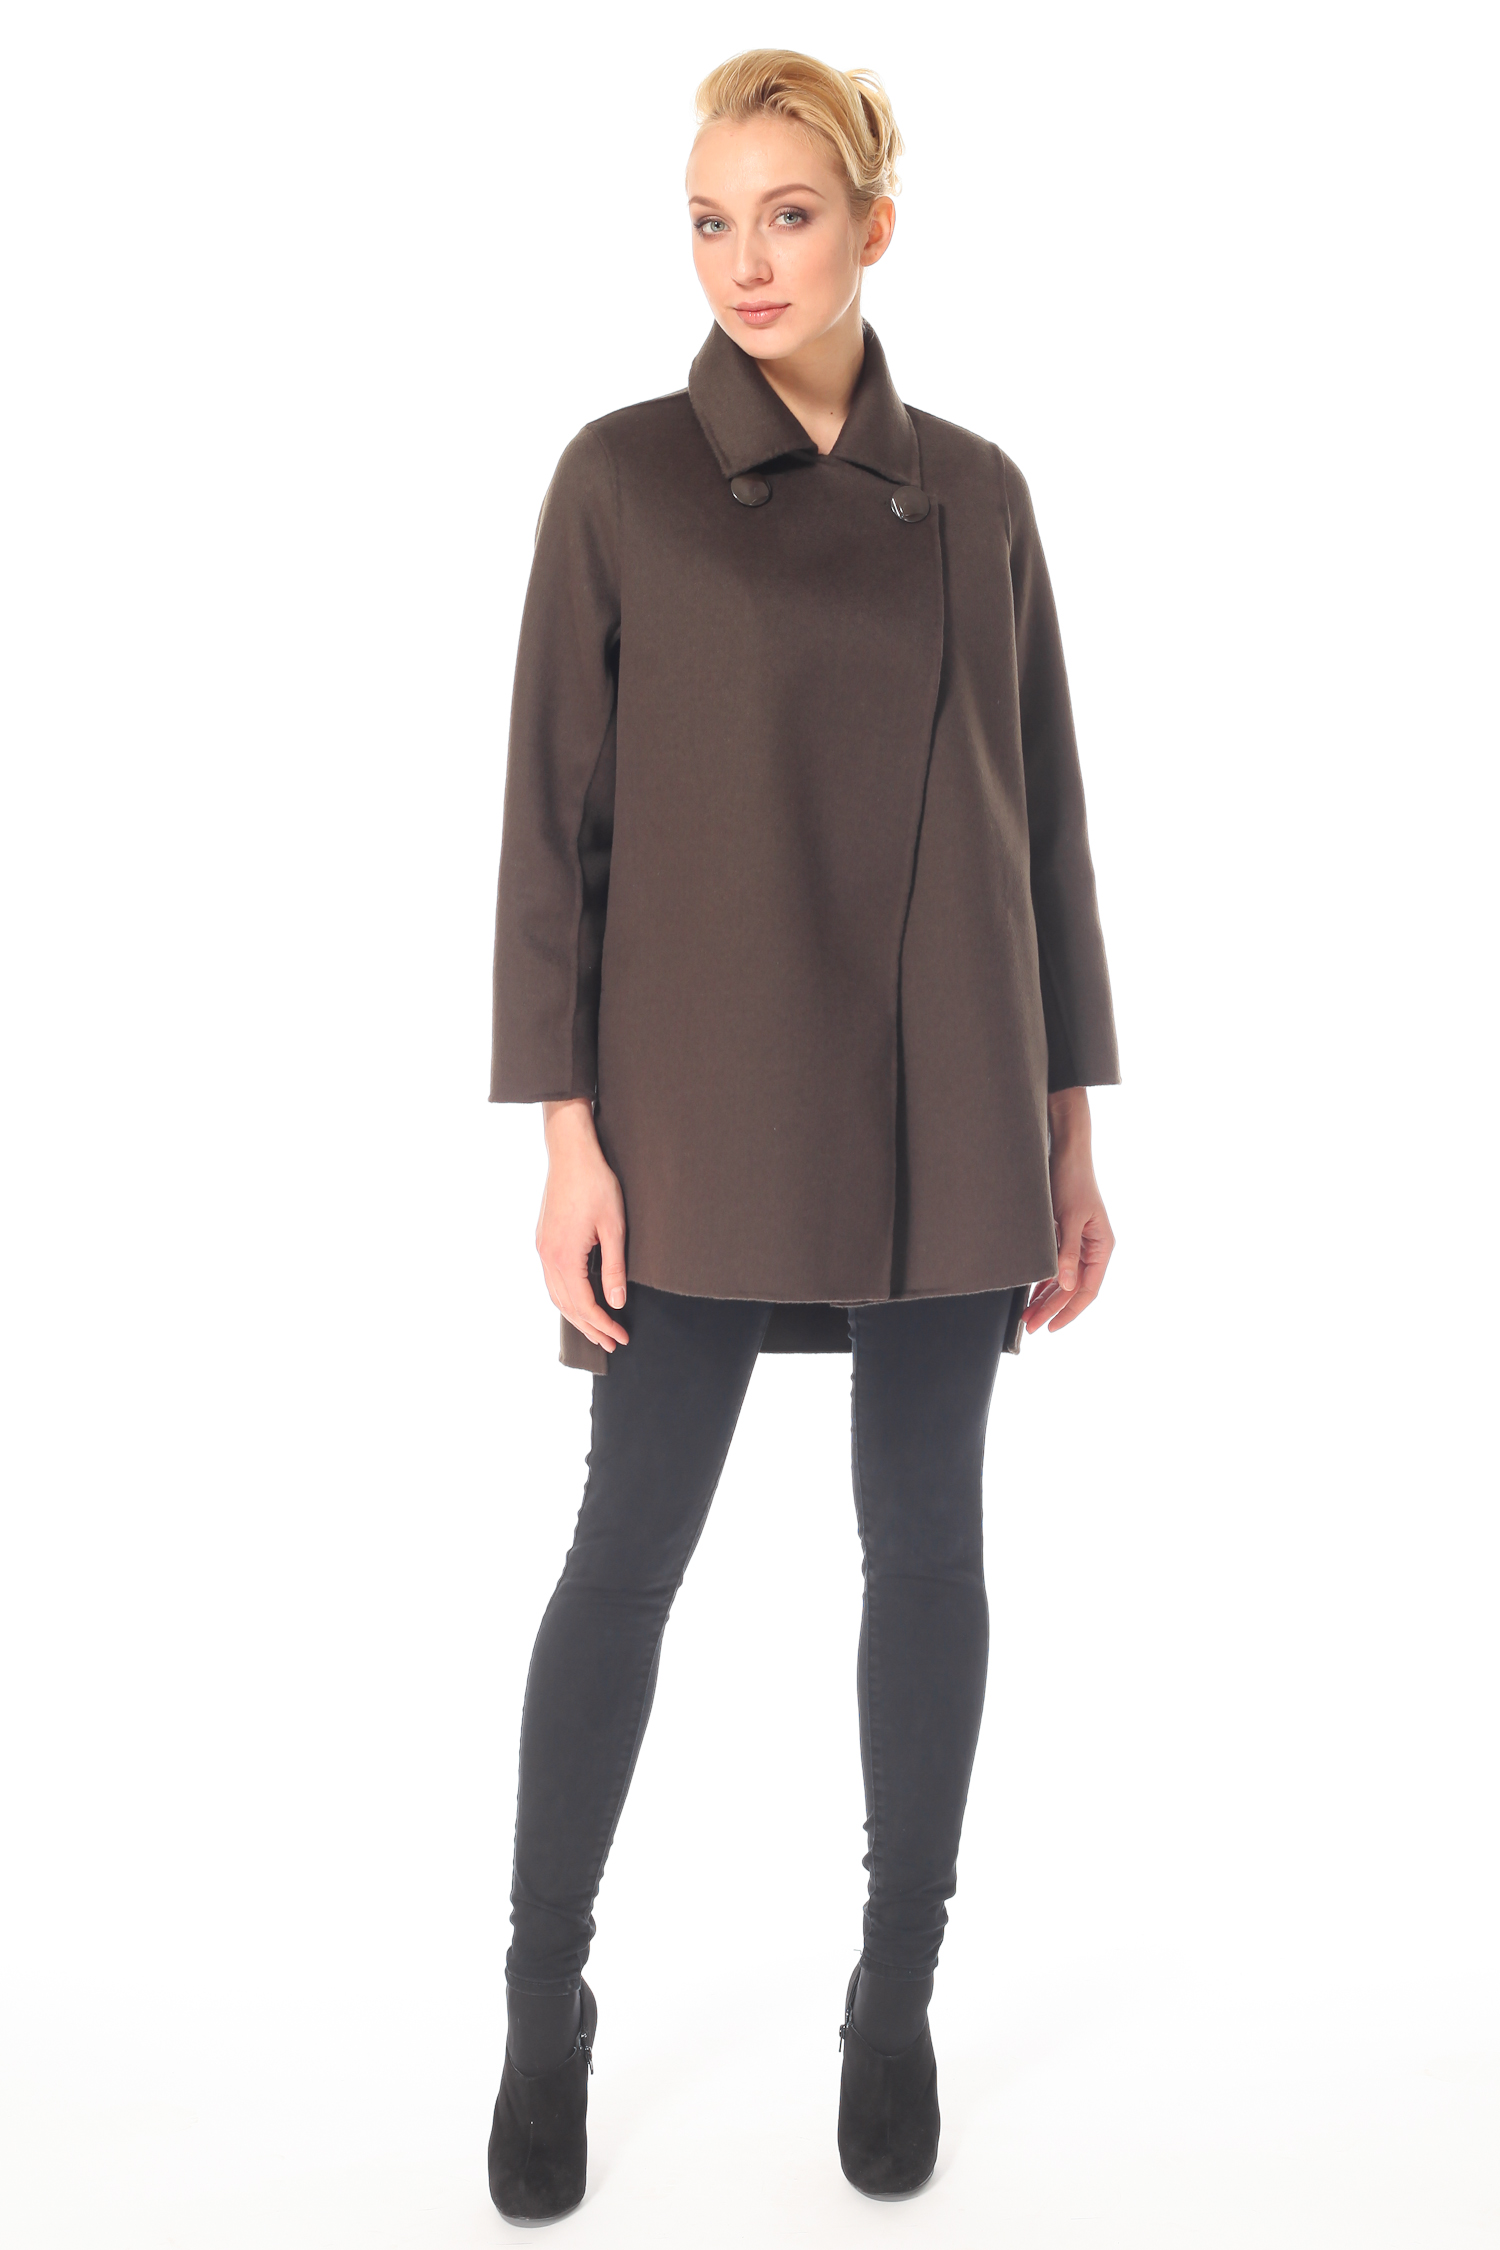 Фото 8 - Женское пальто из текстиля с воротником от МОСМЕХА зеленого цвета